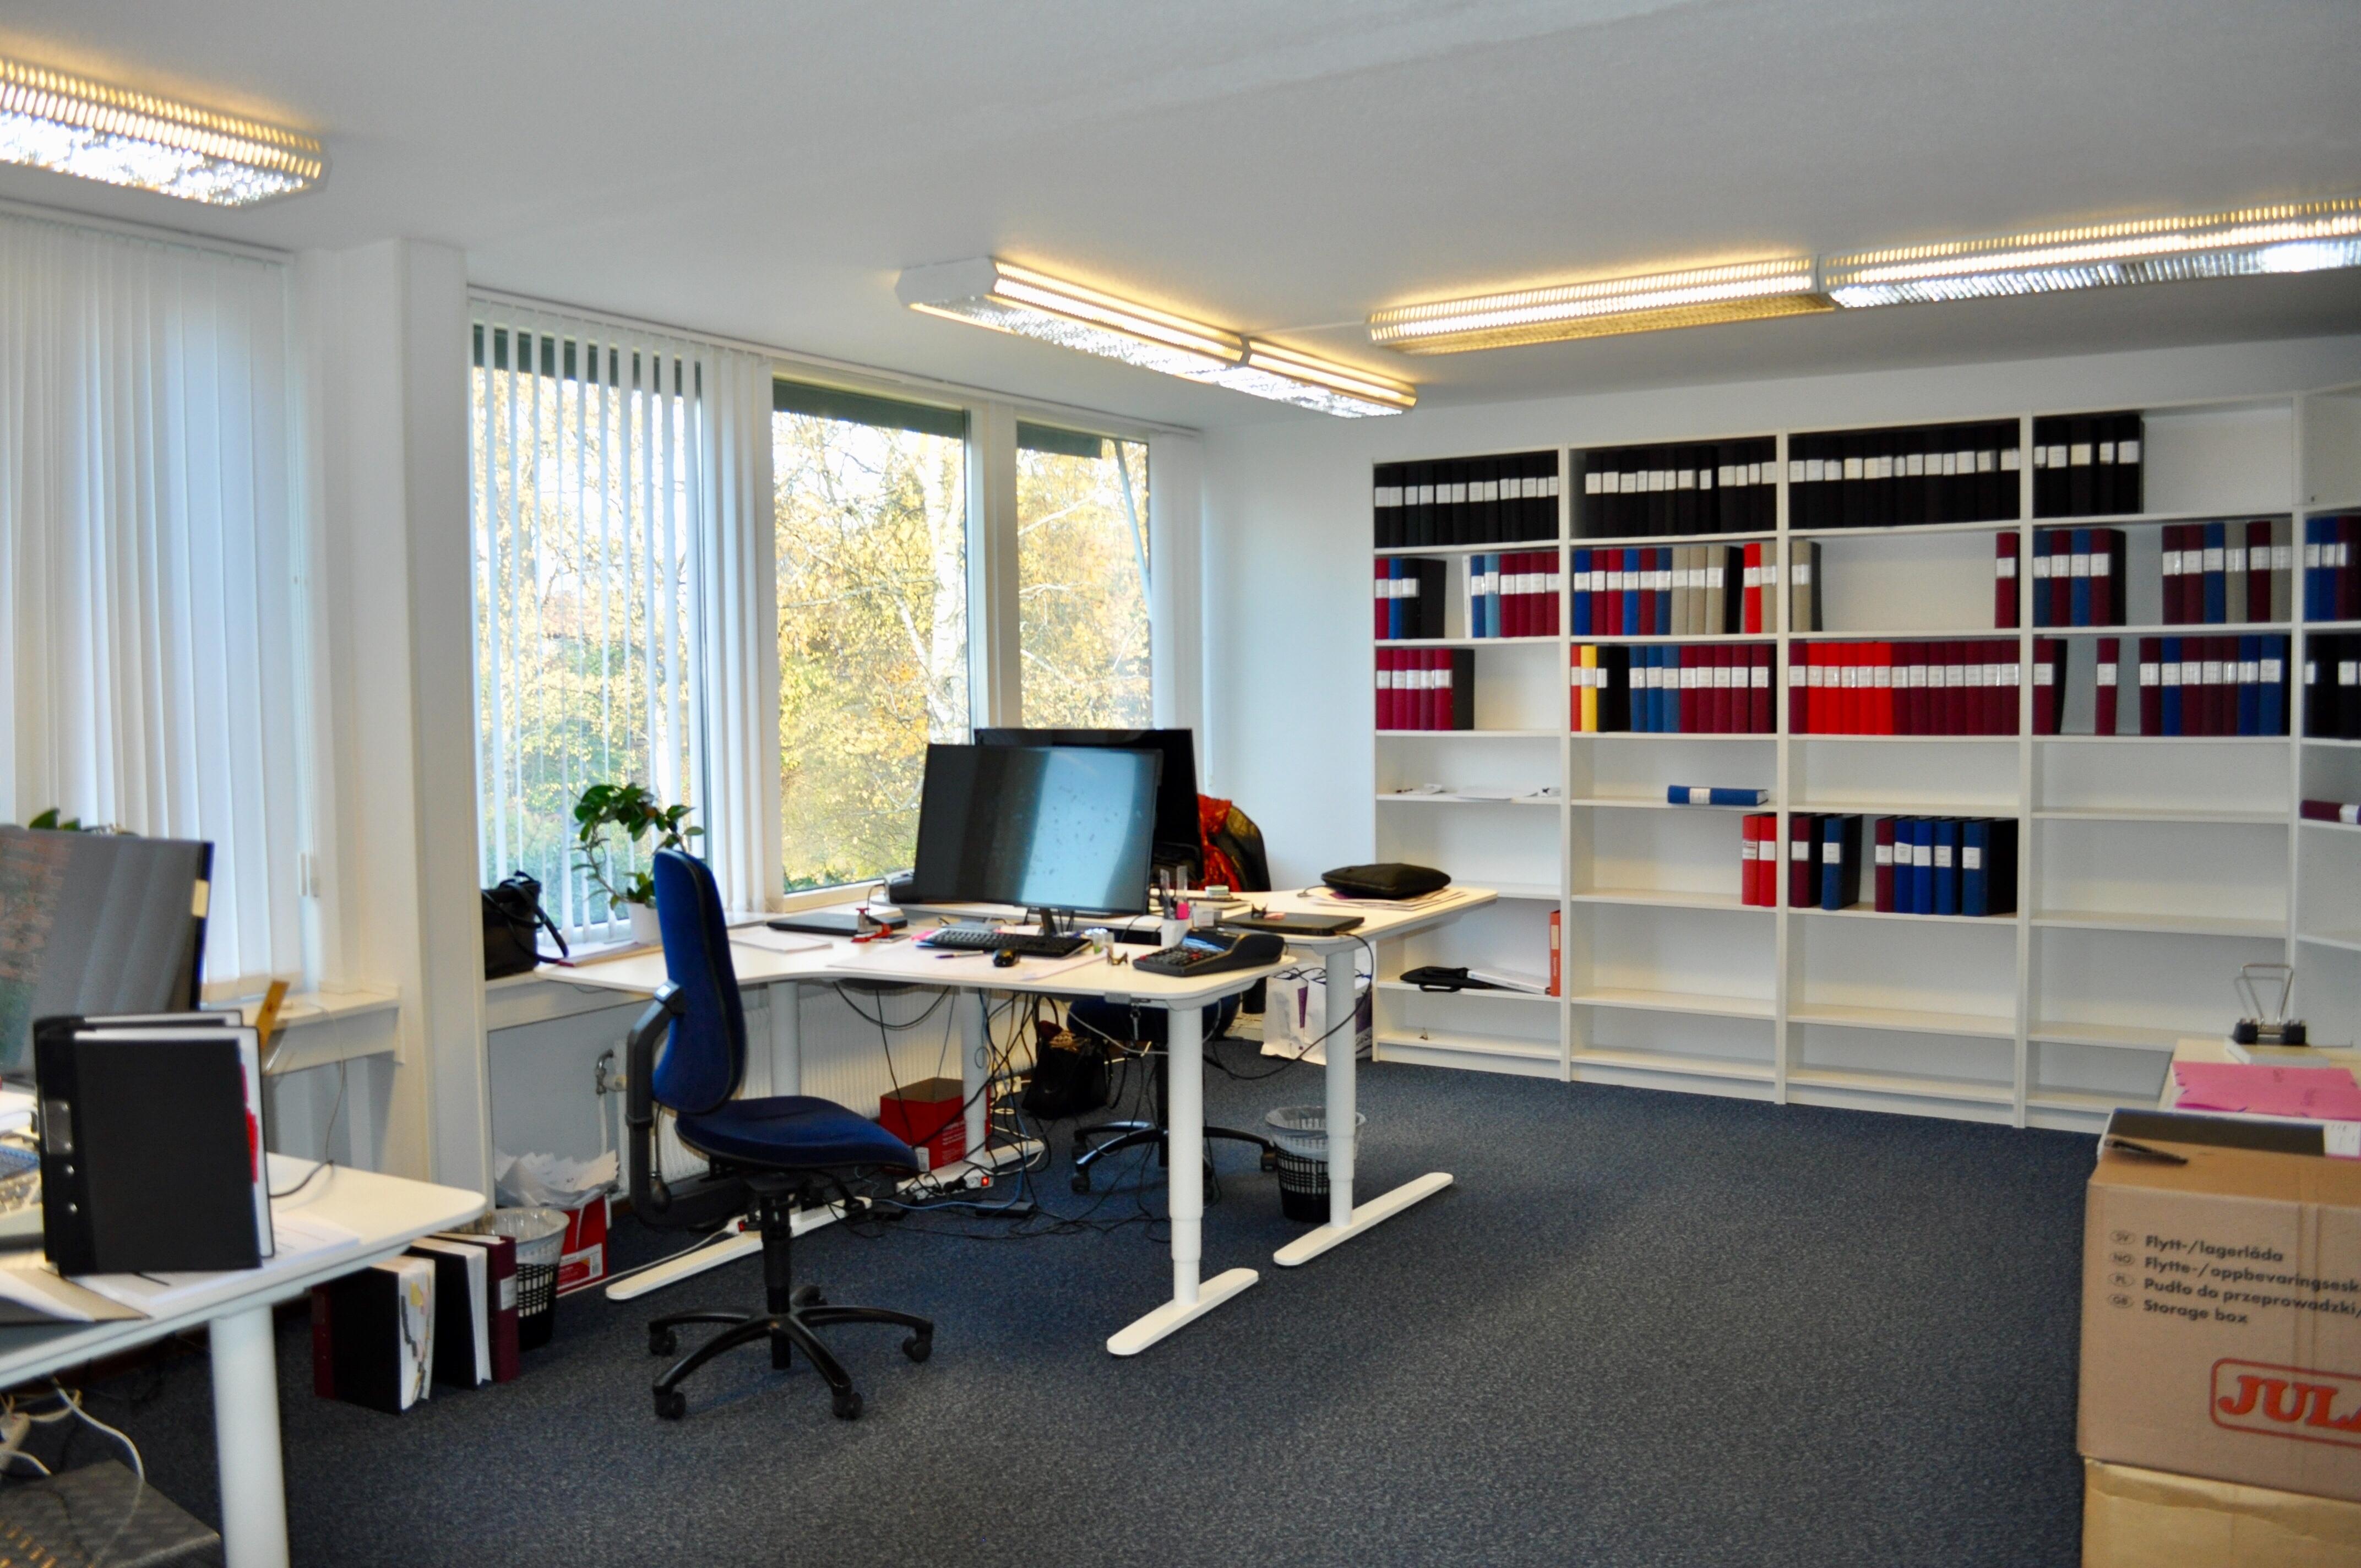 Valvia Ekhagsvägen 15-interiör/öppet kontor